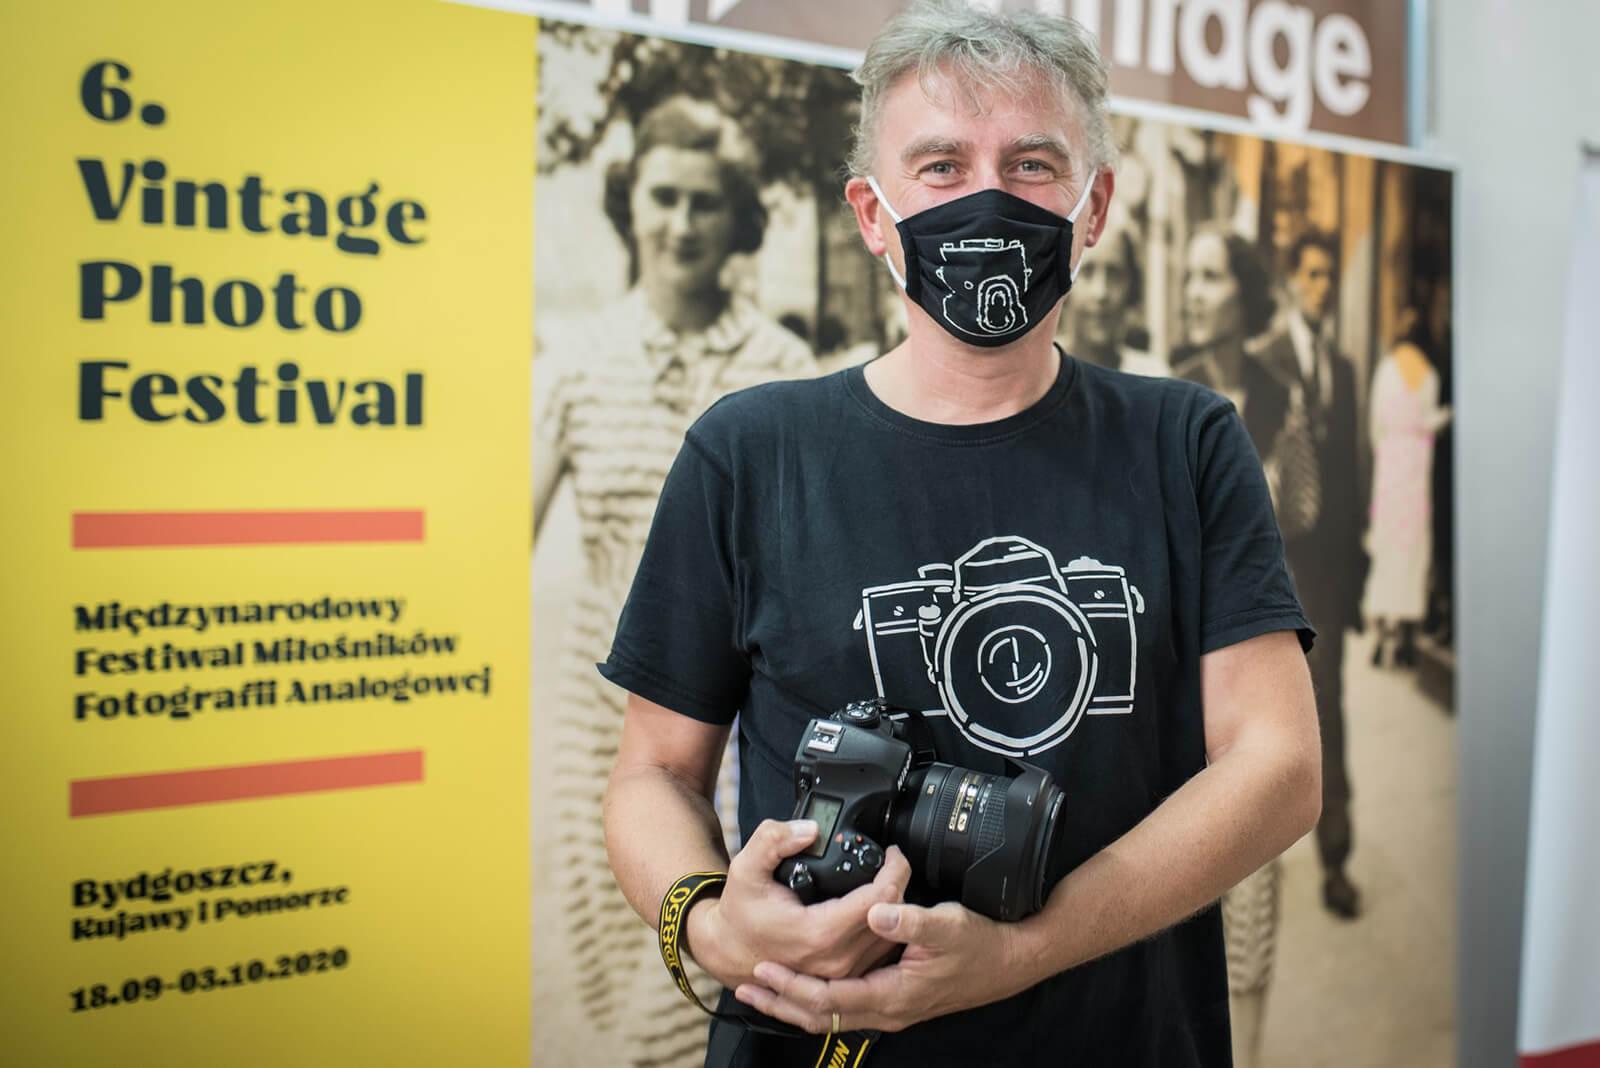 fot. Dariusz Gackowski